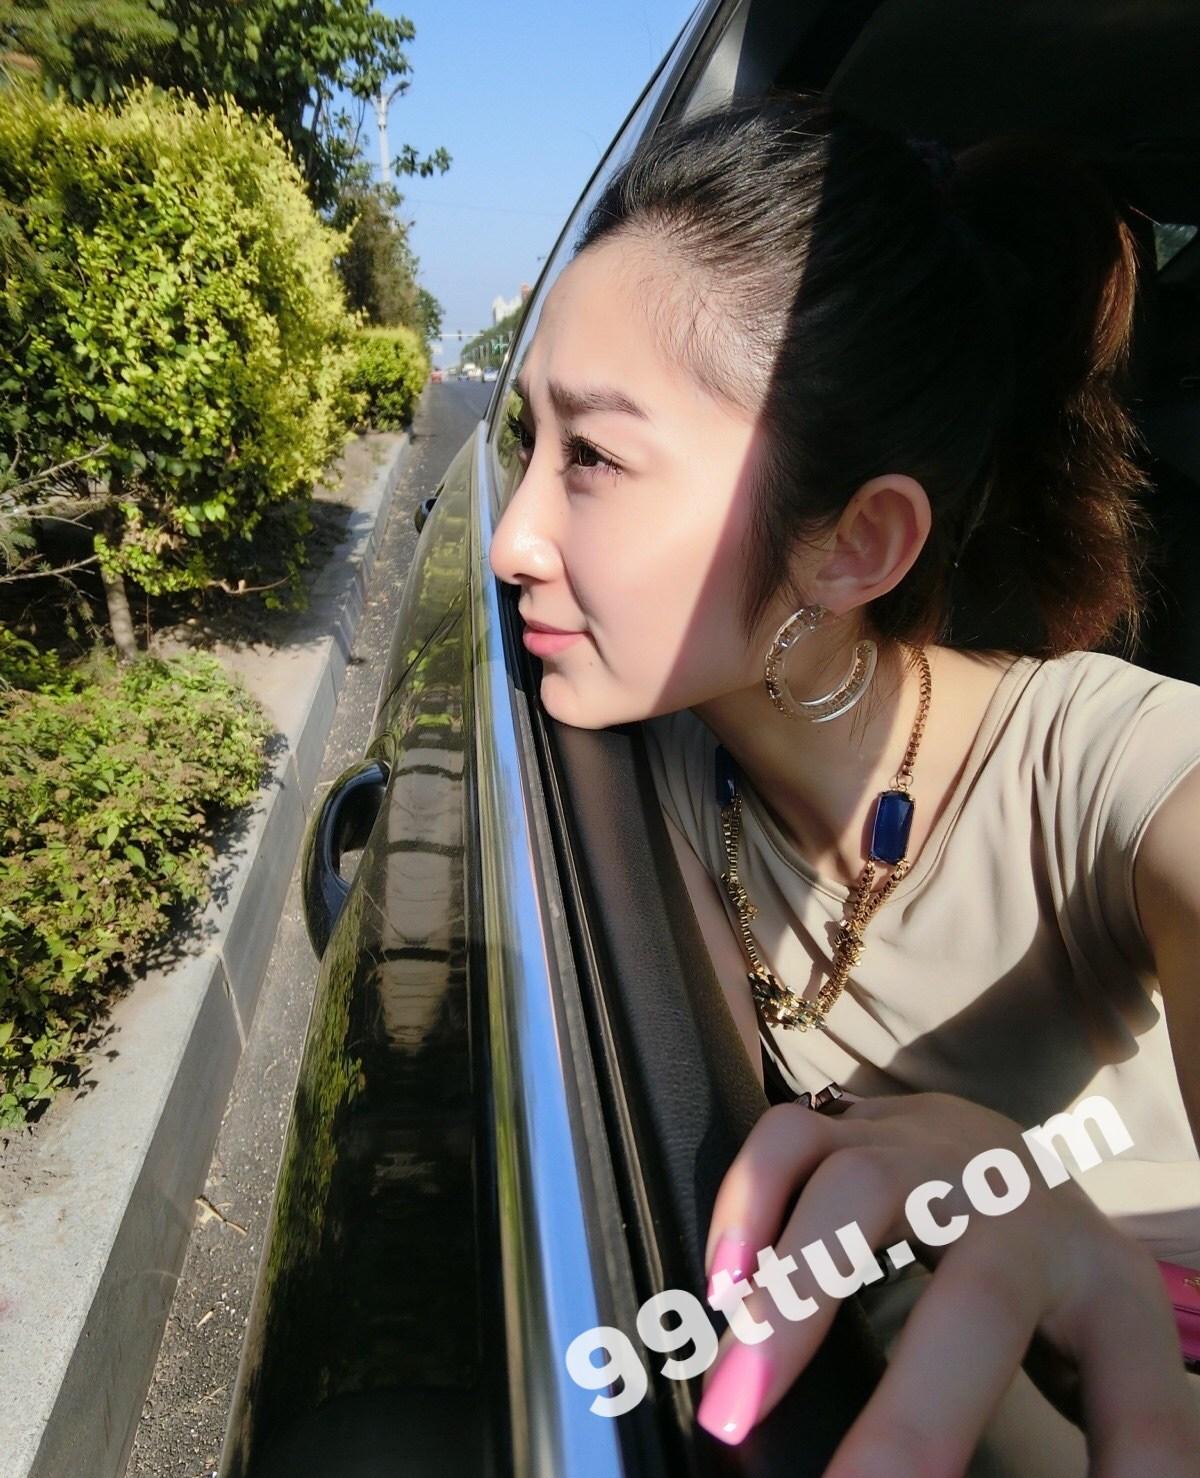 KK81_440张 真实平常美女微商营销素材生活照-5